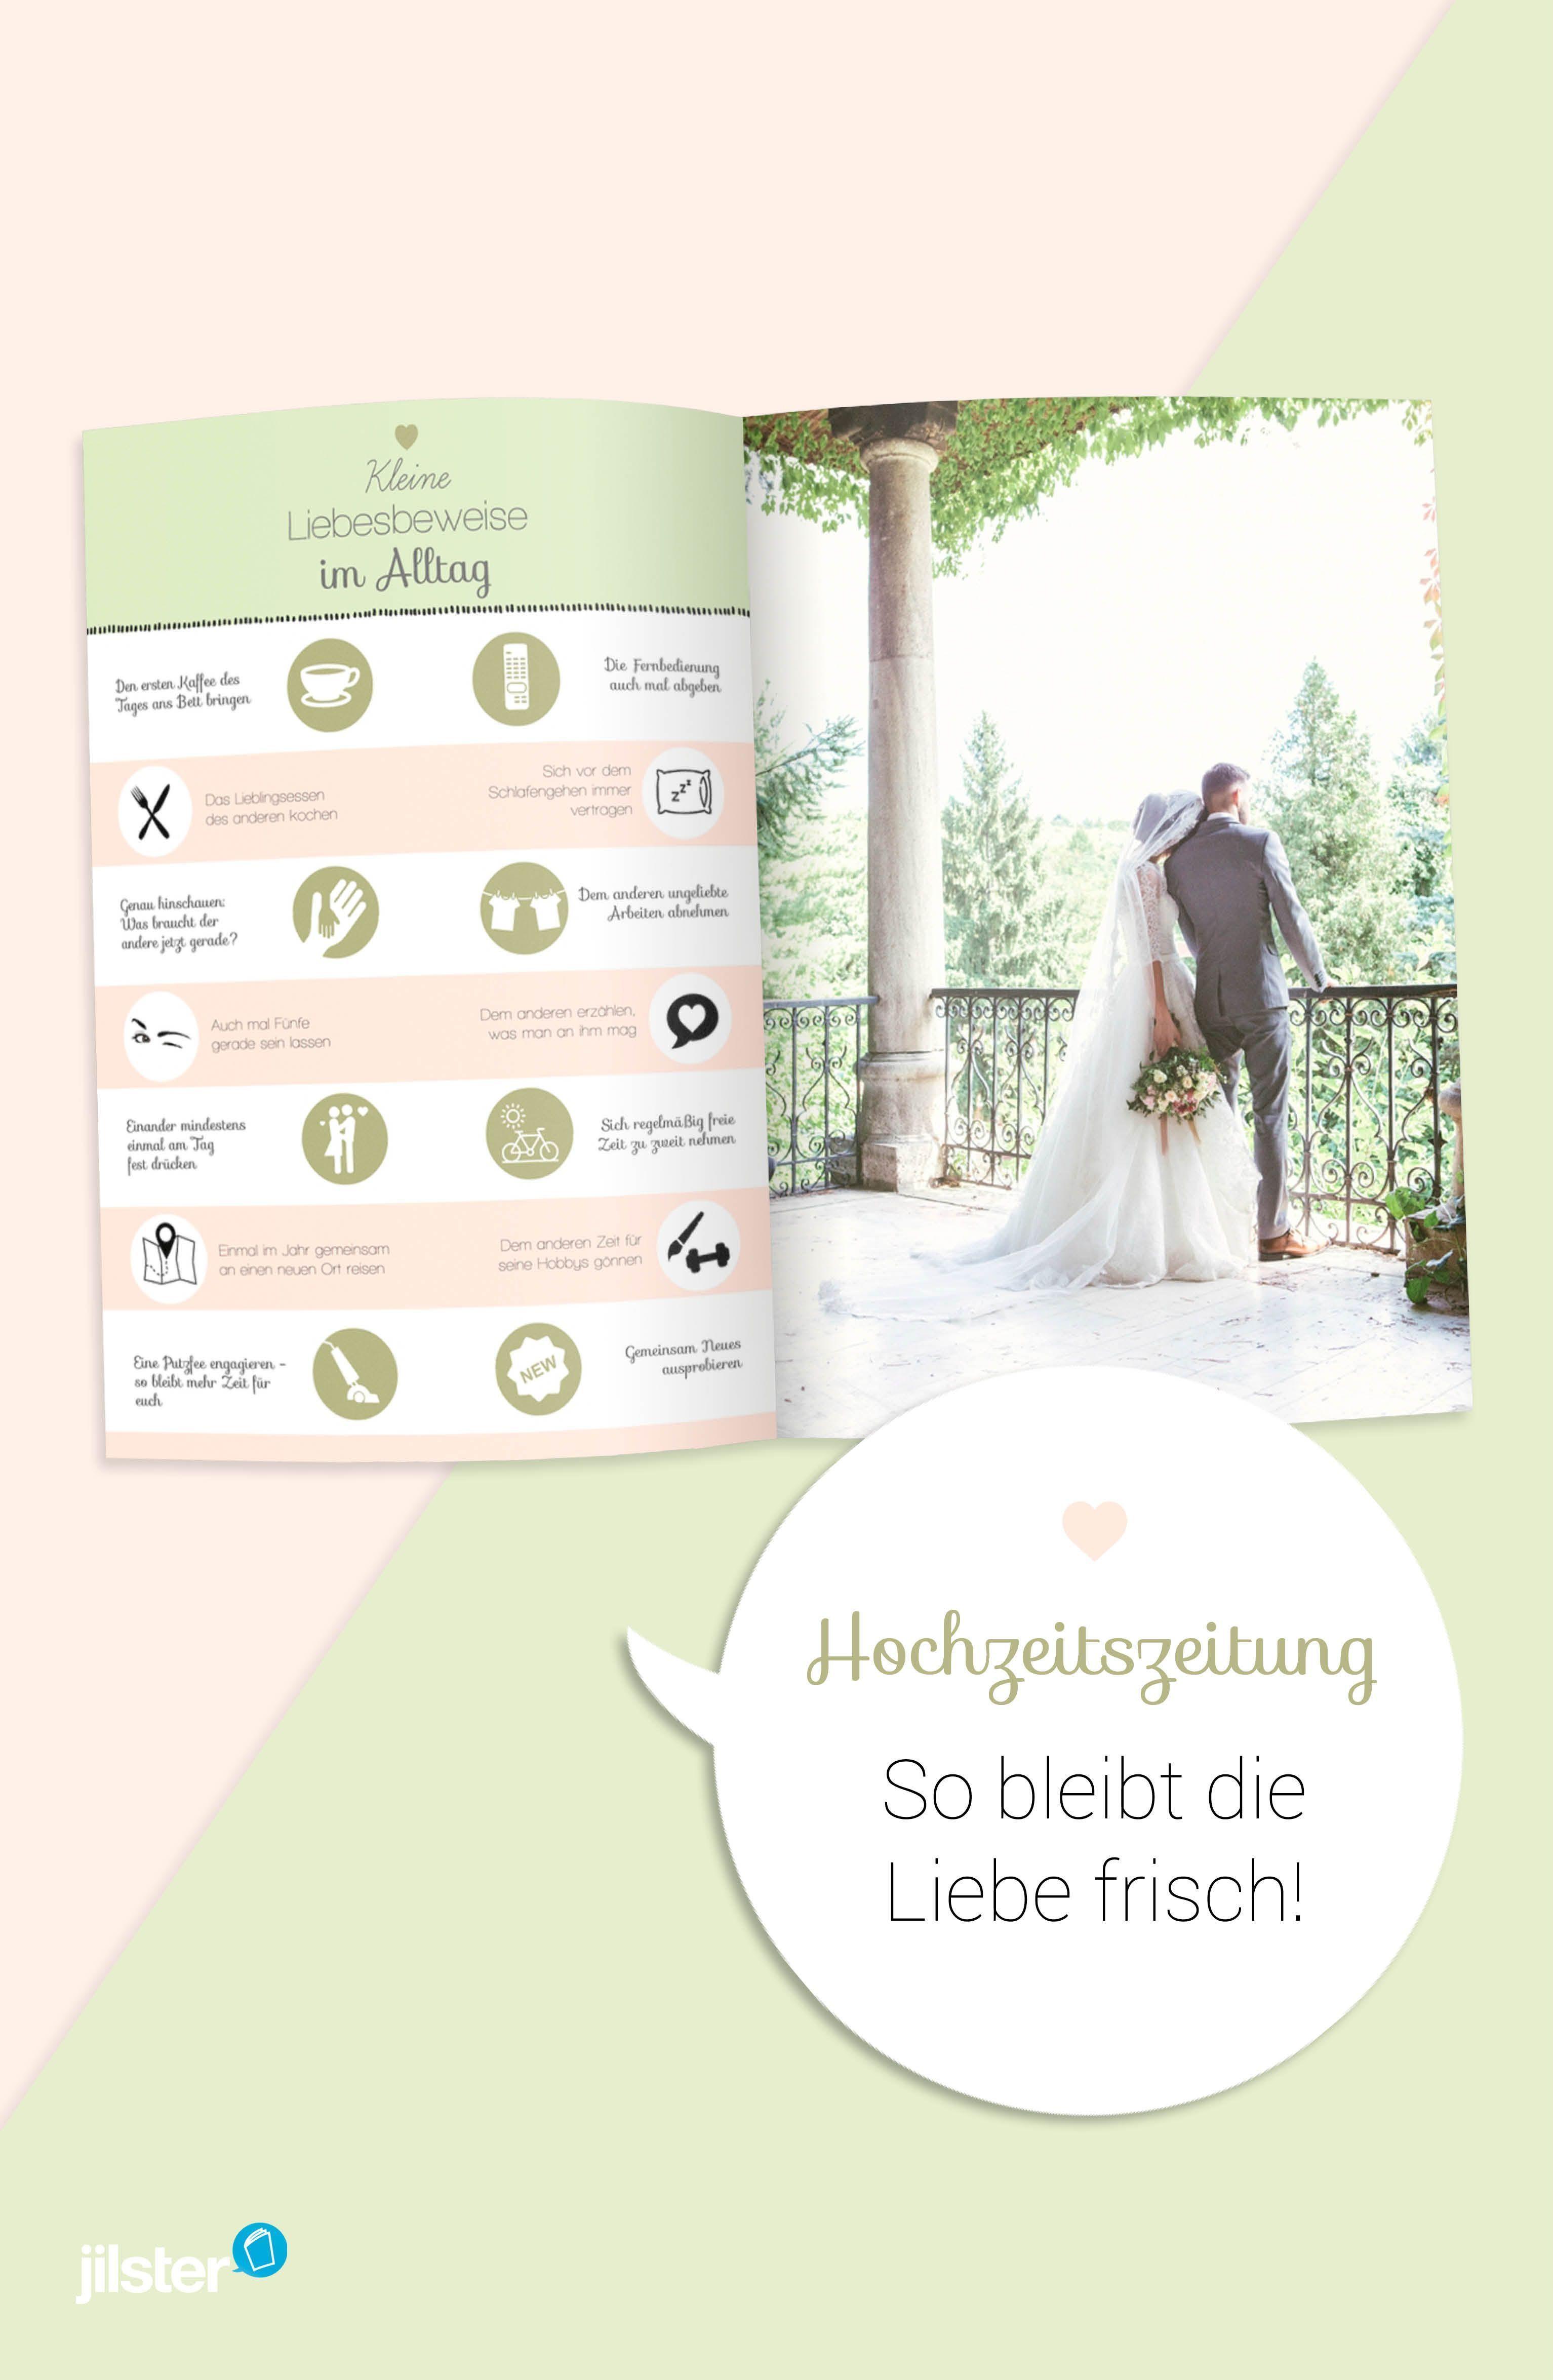 Hochzeitszeitung Tipps So Bleibt Die Liebe Frisch Jilster Blog Hochzeitszeitung Hochzeitszeitung Ideen Hochzeit